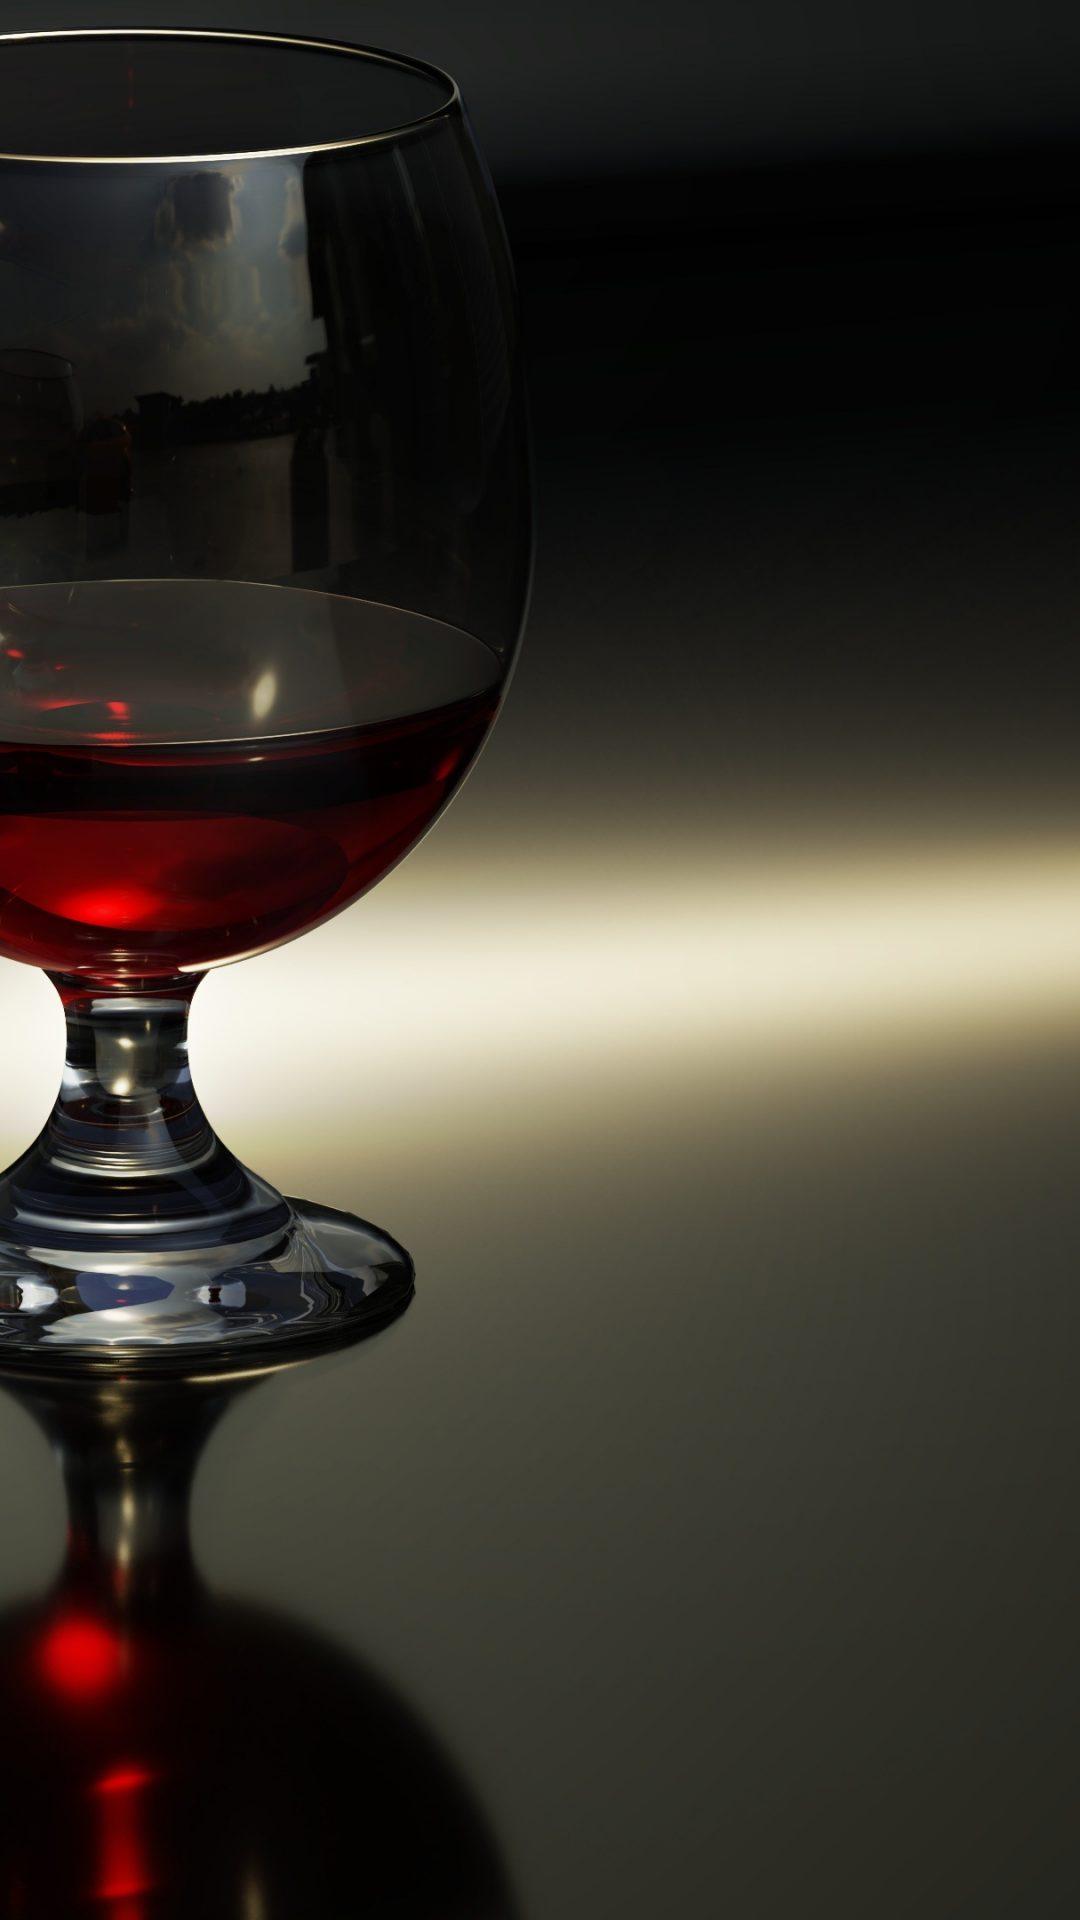 Red Wine Glasses 4k Uhd Wallpaper